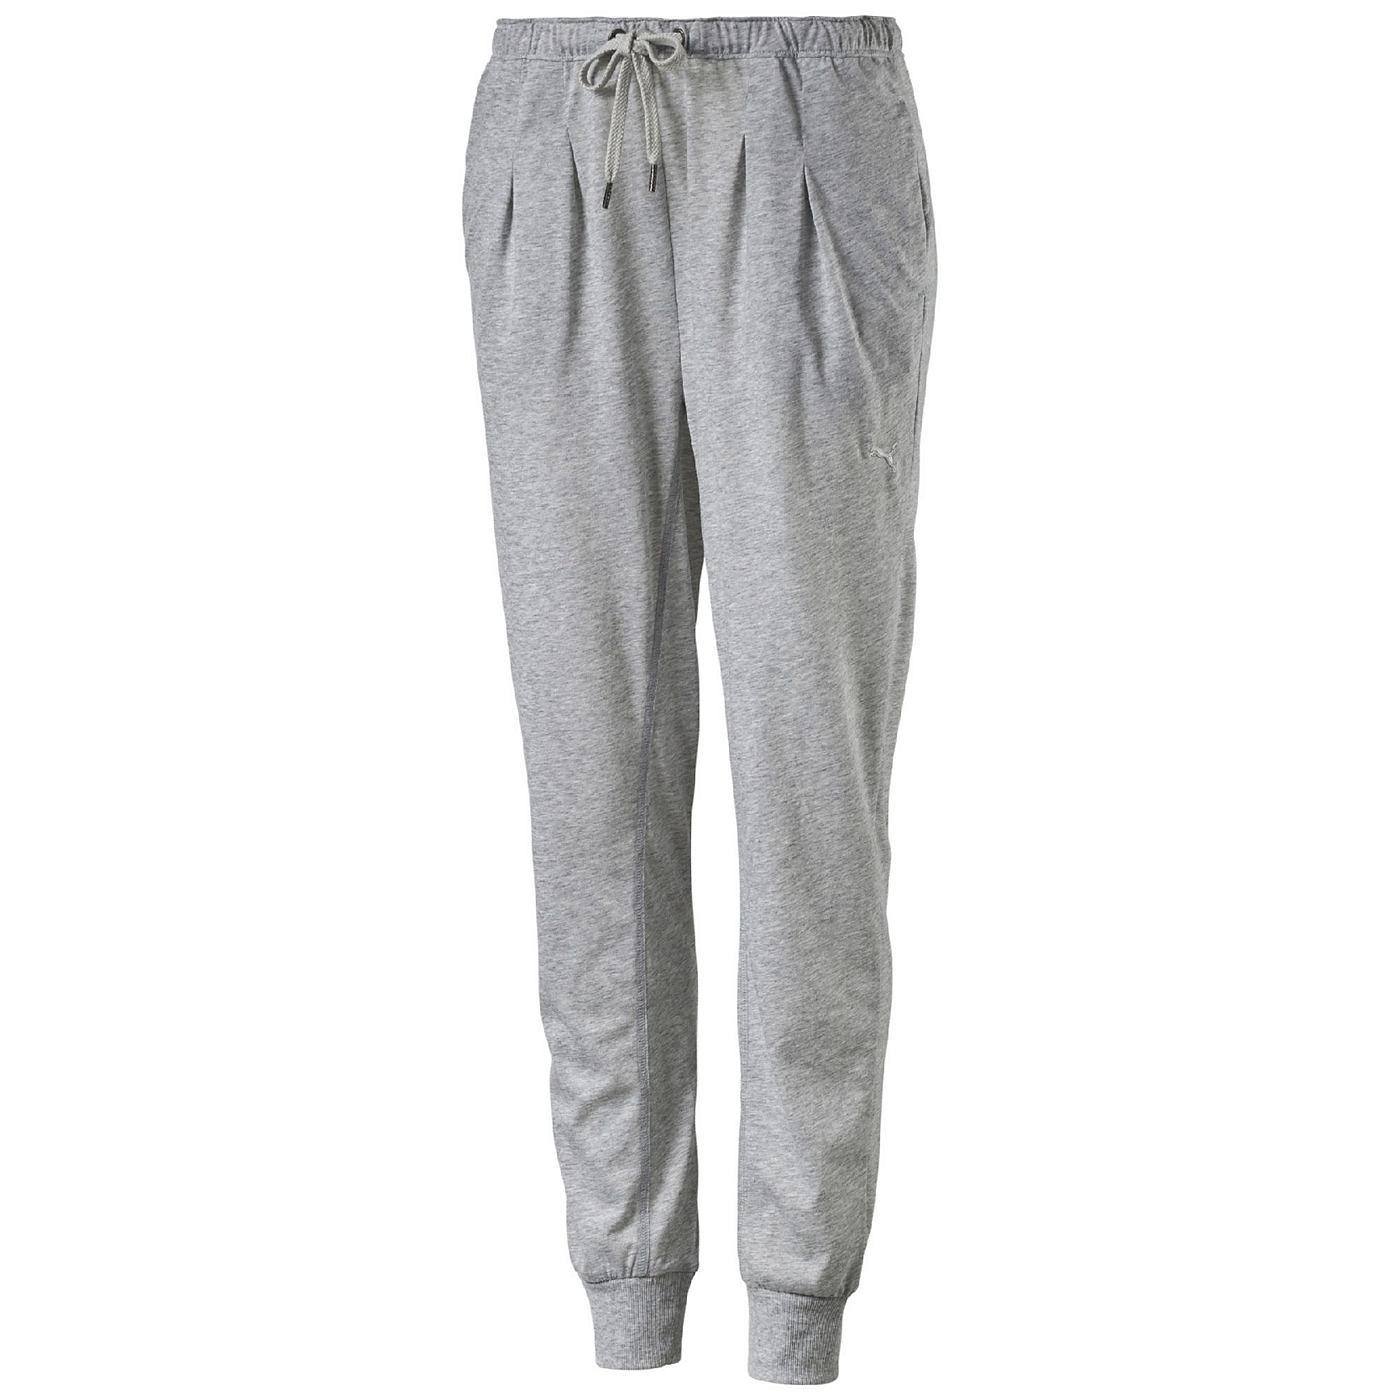 Drapy Hose    Diese komfortable drapierte PUMA-Hose hat ein wunderbares Design und sorgt fuer ein locker-leichtes Tragegefuehl.    Material: 65% Polyester, 35% Baumwolle...